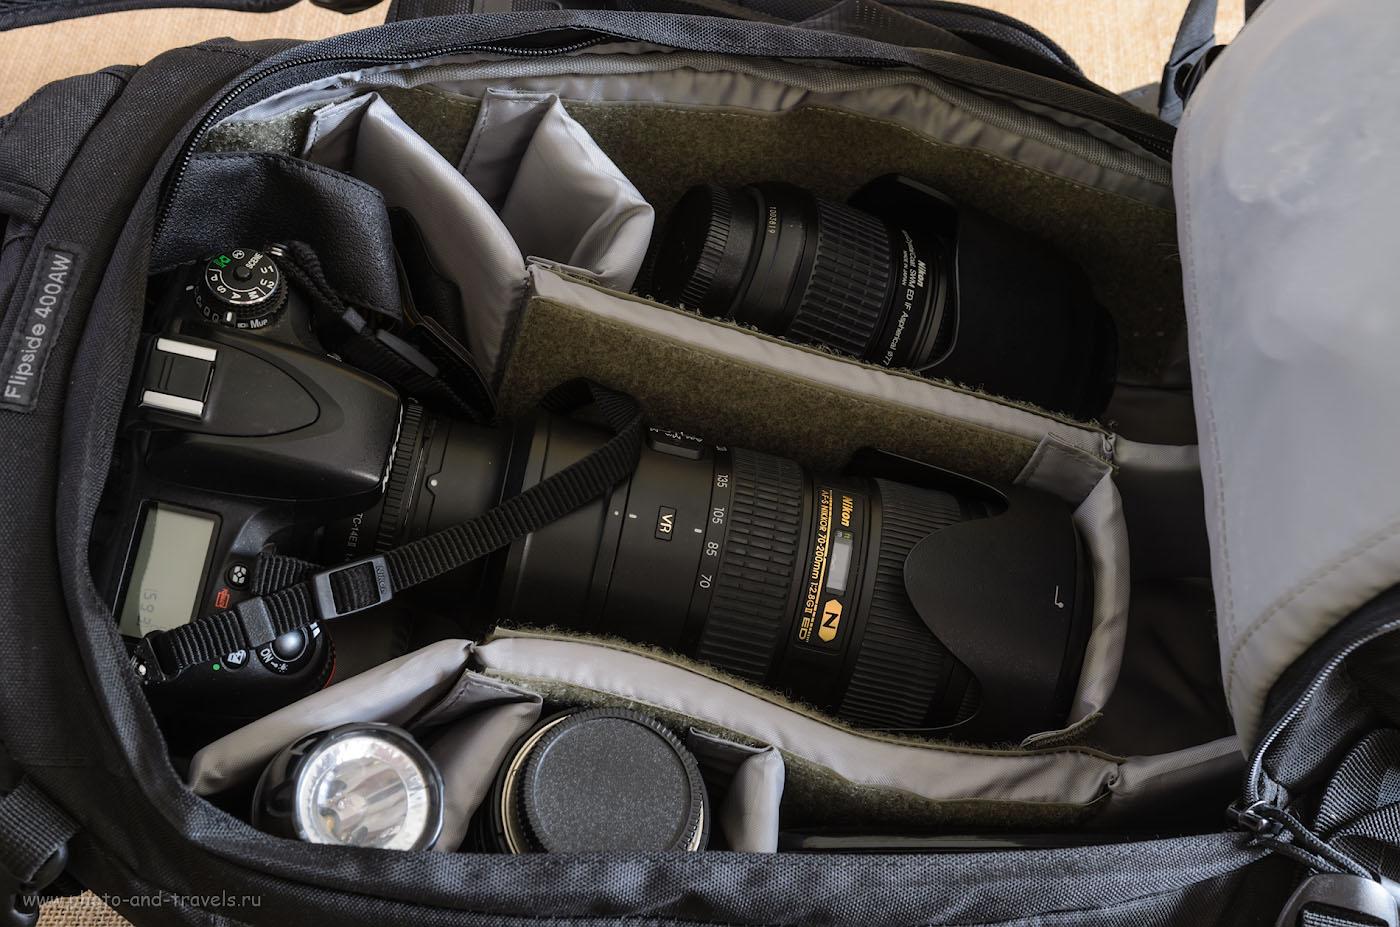 Фото 9. Если мы меняем универсальную линзу Nikon 24-70mm f/2.8 на телеобъектив Nikon 70-200mm f/2.8, то даже с экстендером Nikon TC-14E II, он может храниться в рюкзаке для фотоаппарата Lowepro Flipside 400 AW в собранном виде.